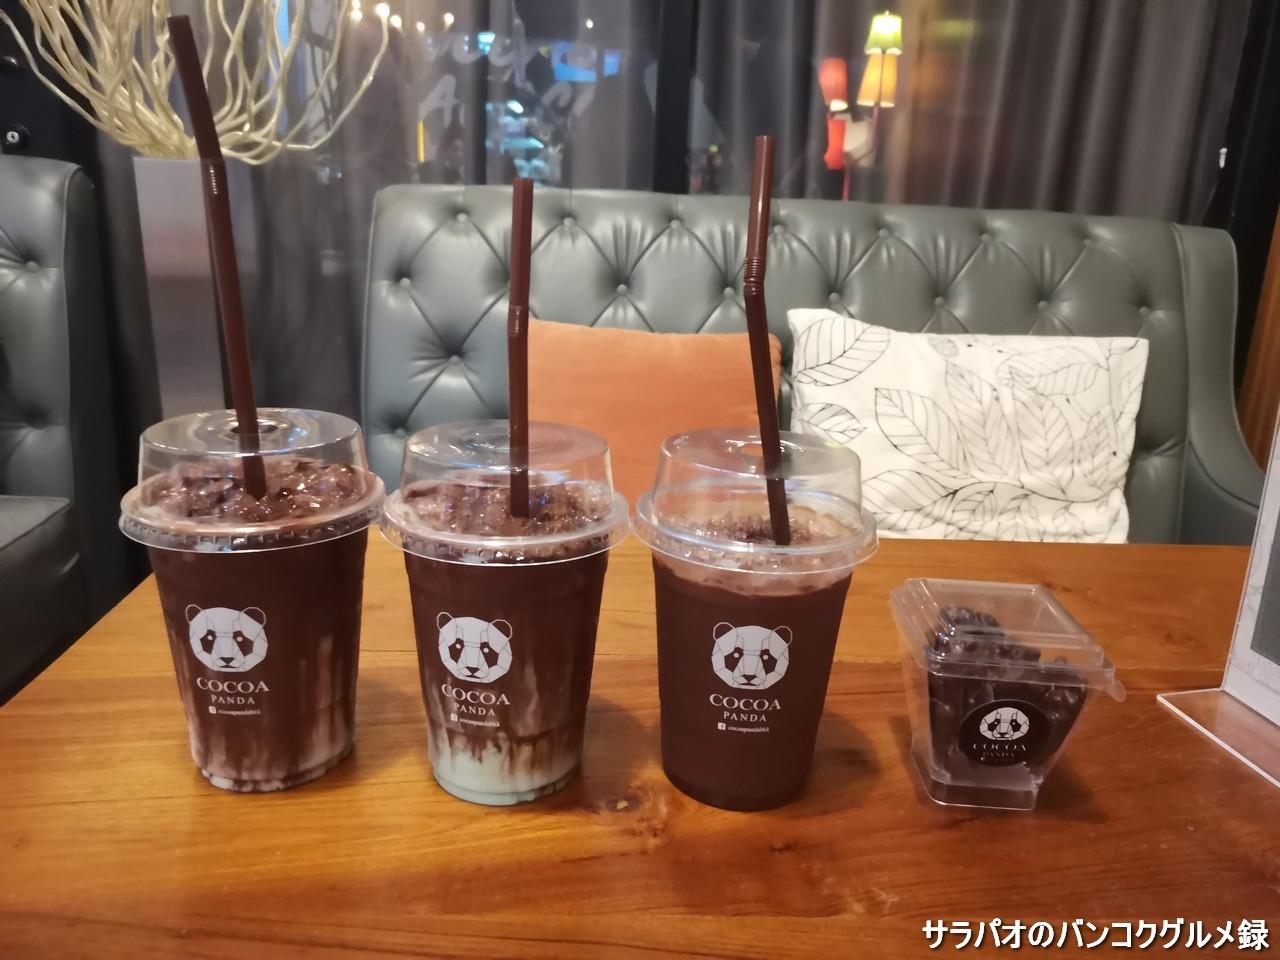 ココアパンダはチョコレート好きにおすすめのココア専門カフェ in ヤーンナーワー区